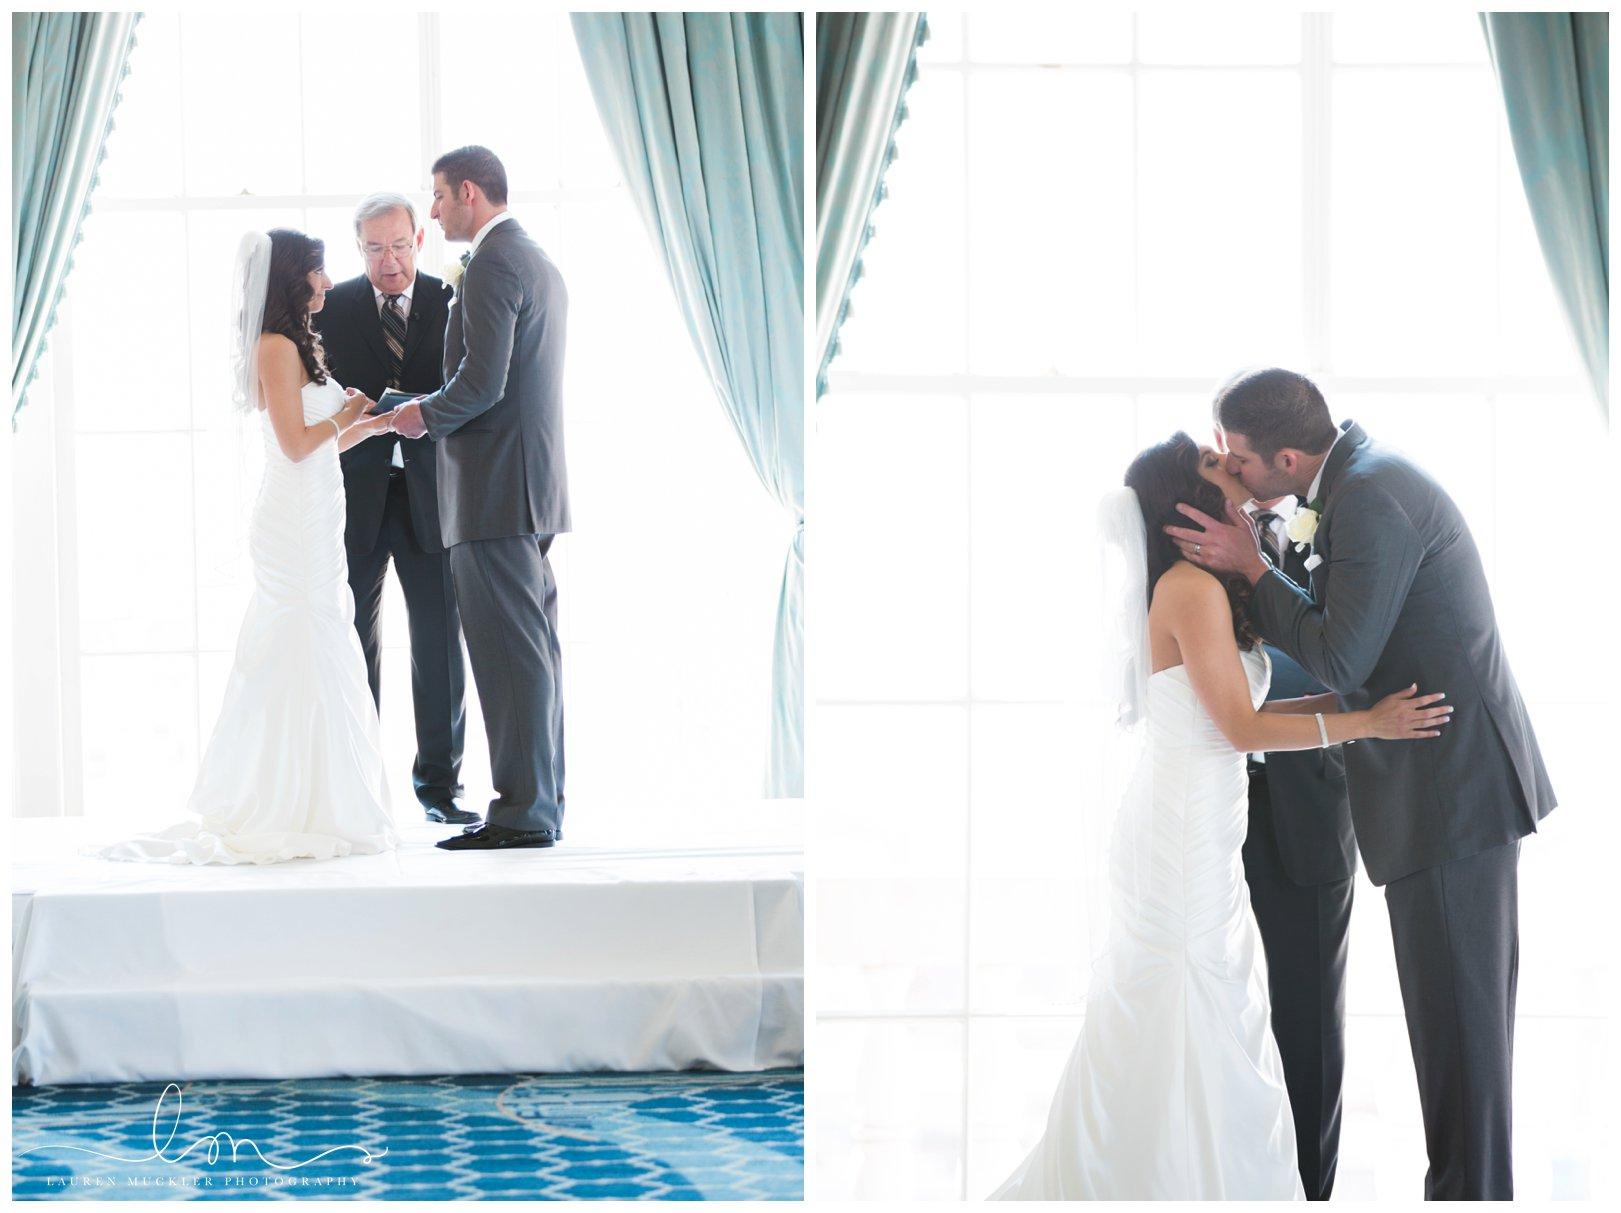 lauren muckler photography_fine art film wedding photography_st louis_photography_0260.jpg